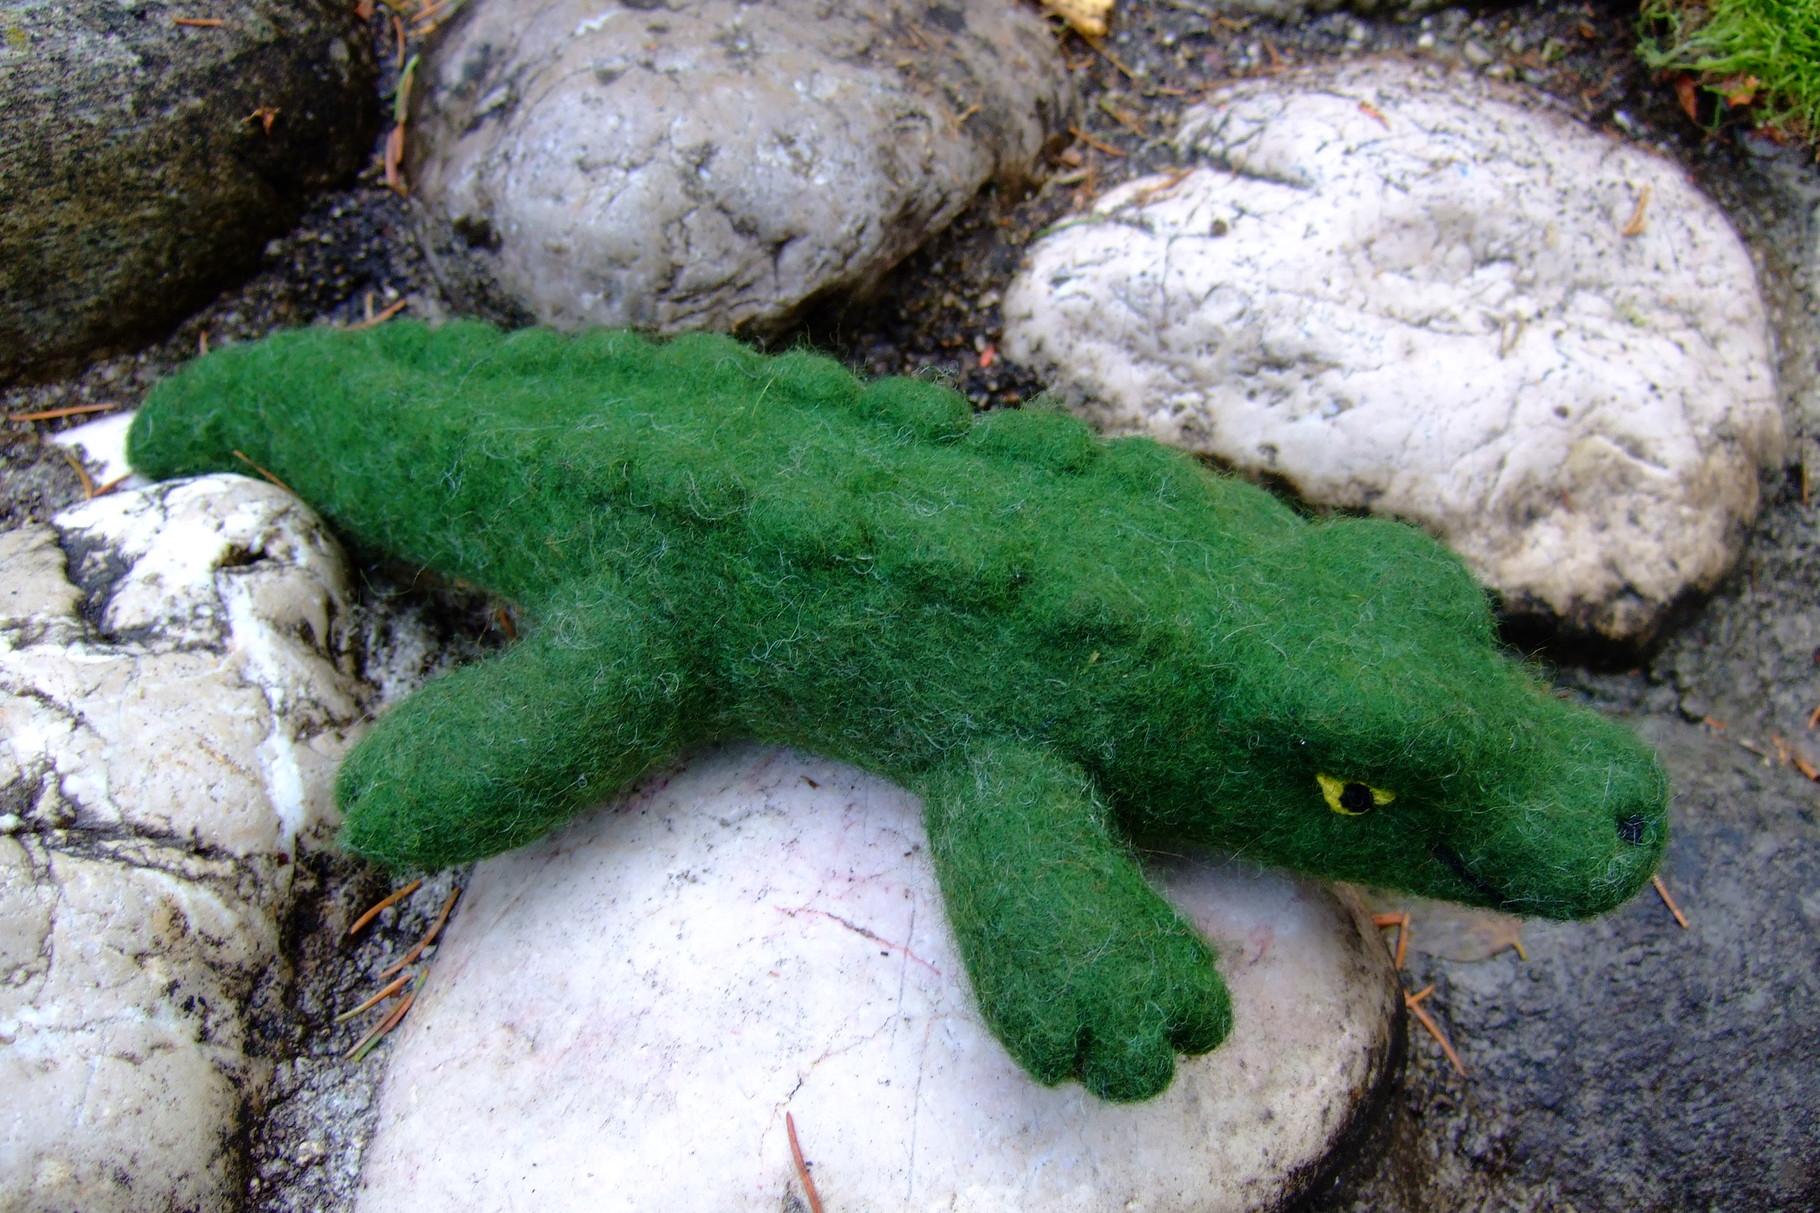 Grünes Krokodil aus Filz